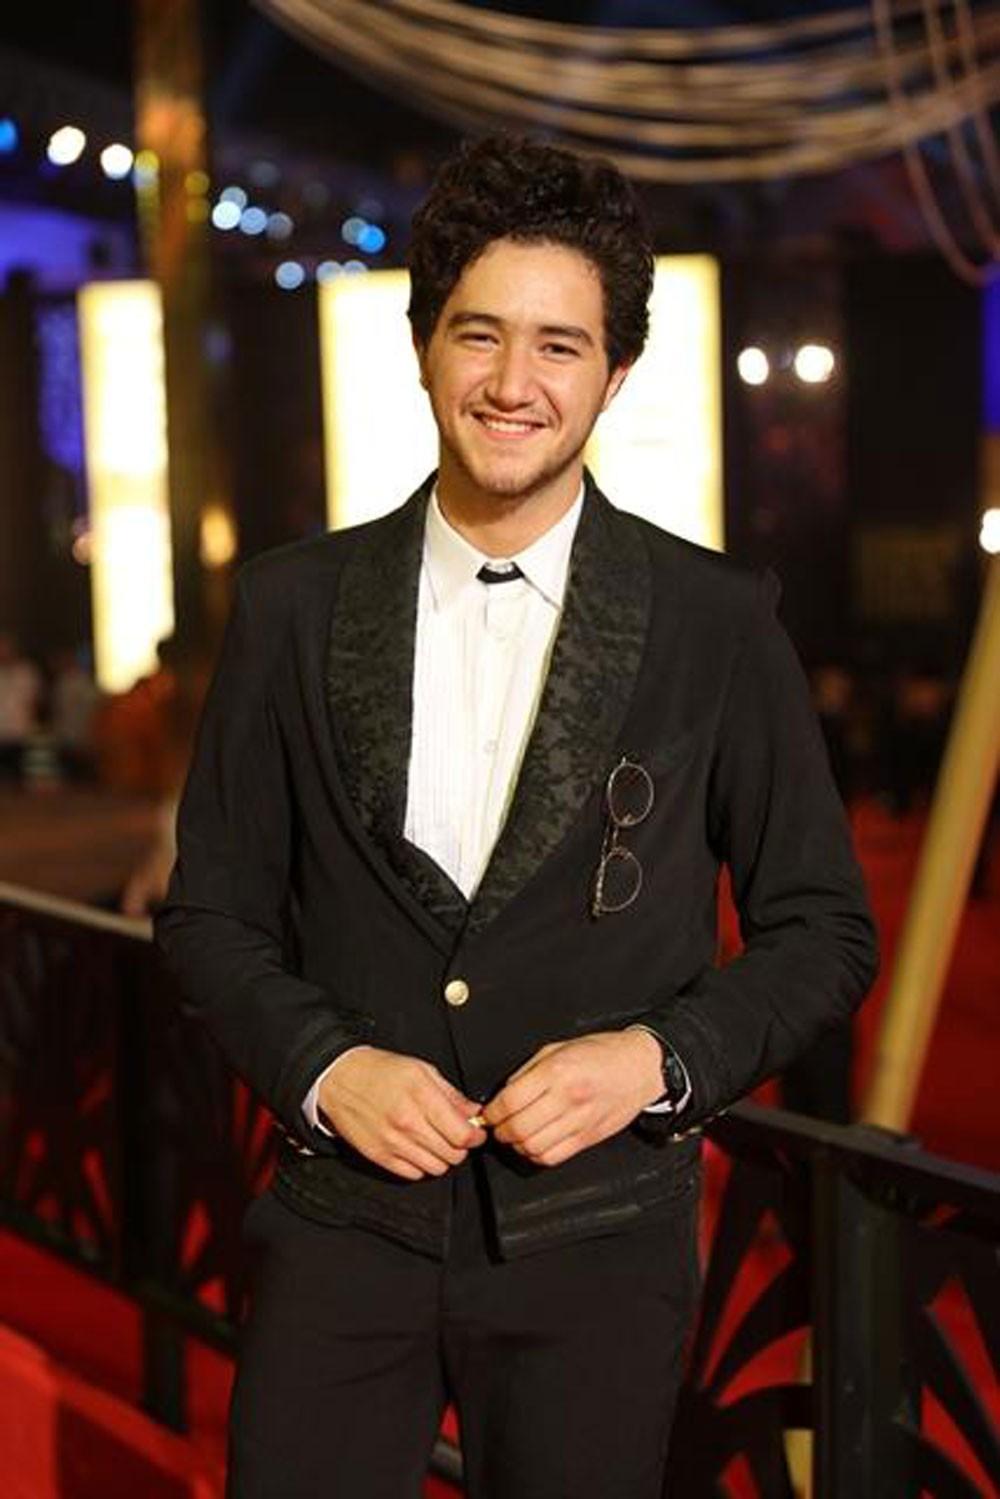 أحمد مالك أفضل ممثل دور ثاني في مهرجان جمعية الفيلم السنوي للسينما المصرية